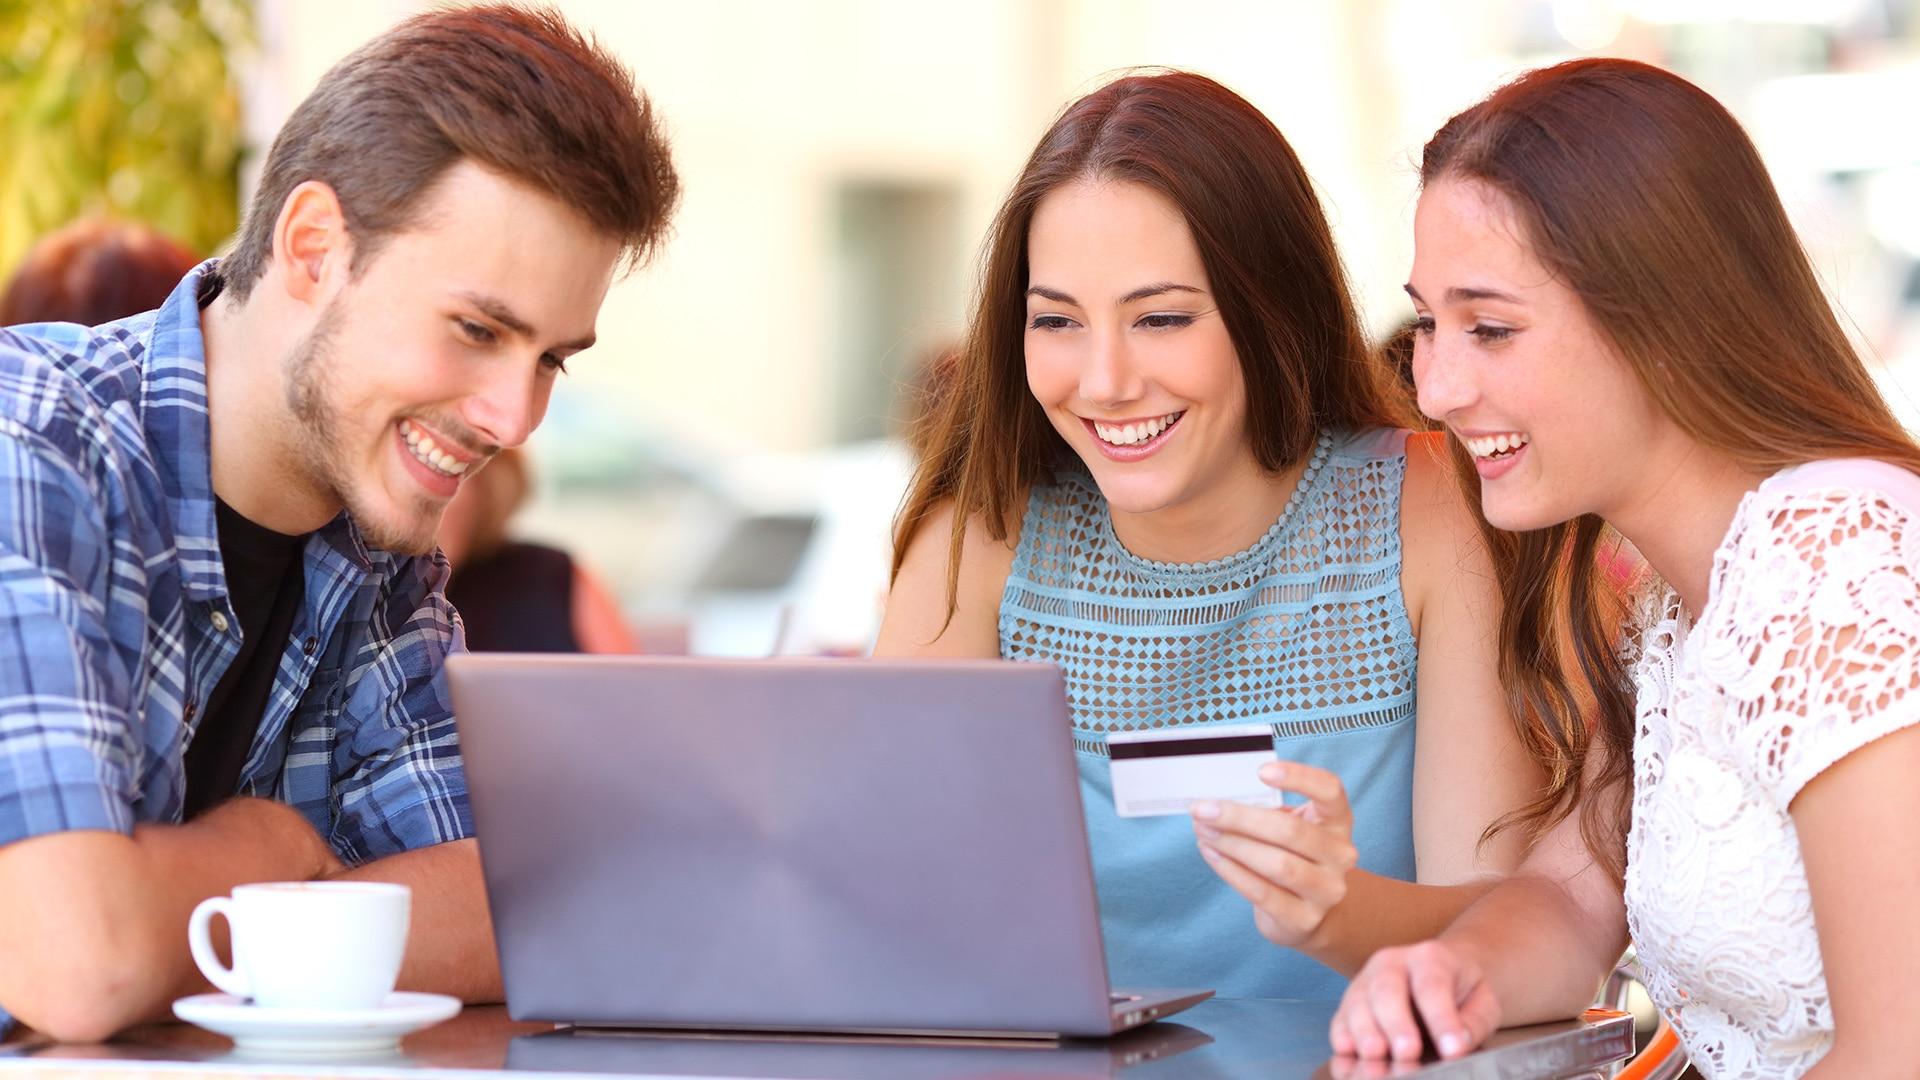 bbva-medios-de-pago-movil-banca-digital-millennials